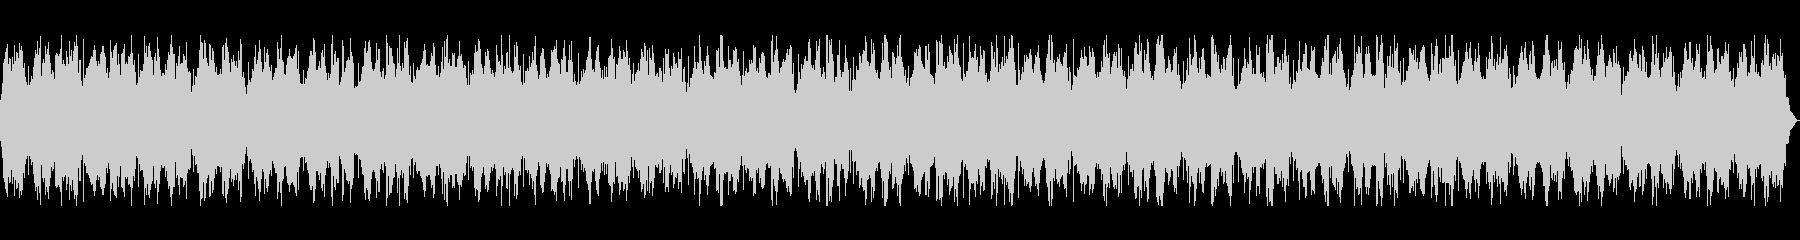 深くセツナ系の長めヒーリングミュージックの未再生の波形